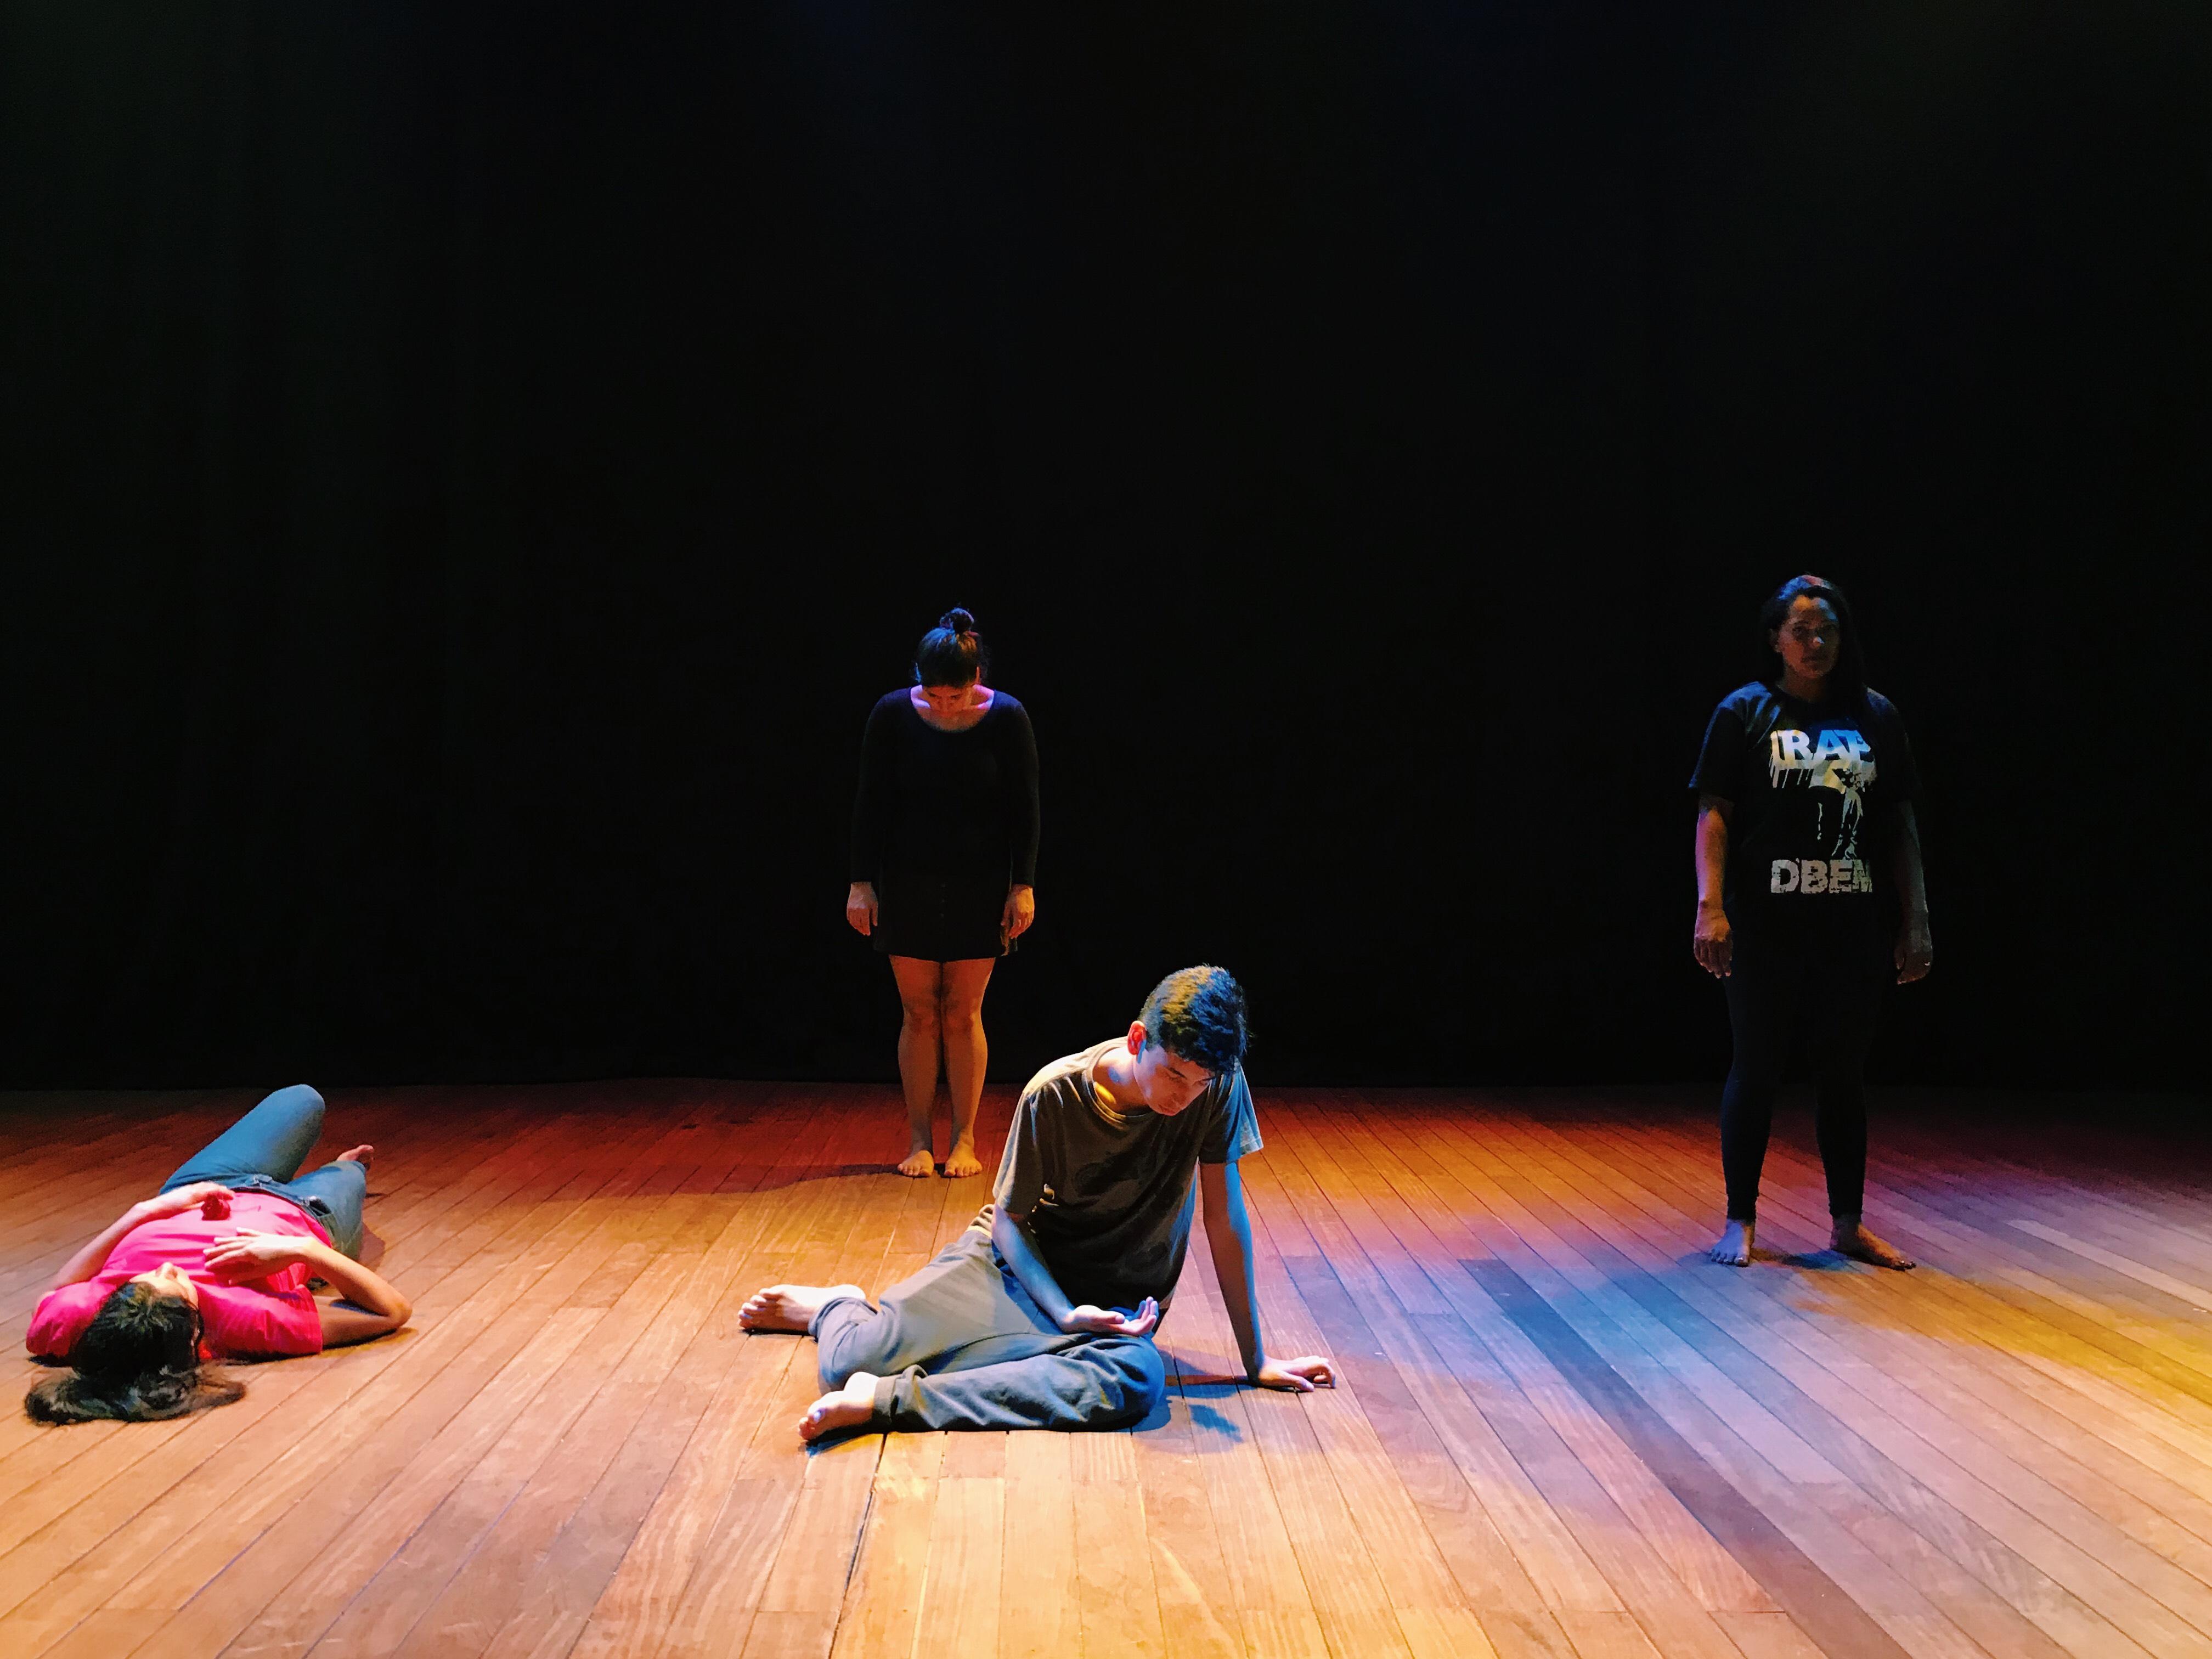 Curso de iniciação à linguagem teatral é ofertado pela Fundação Elias Mansour